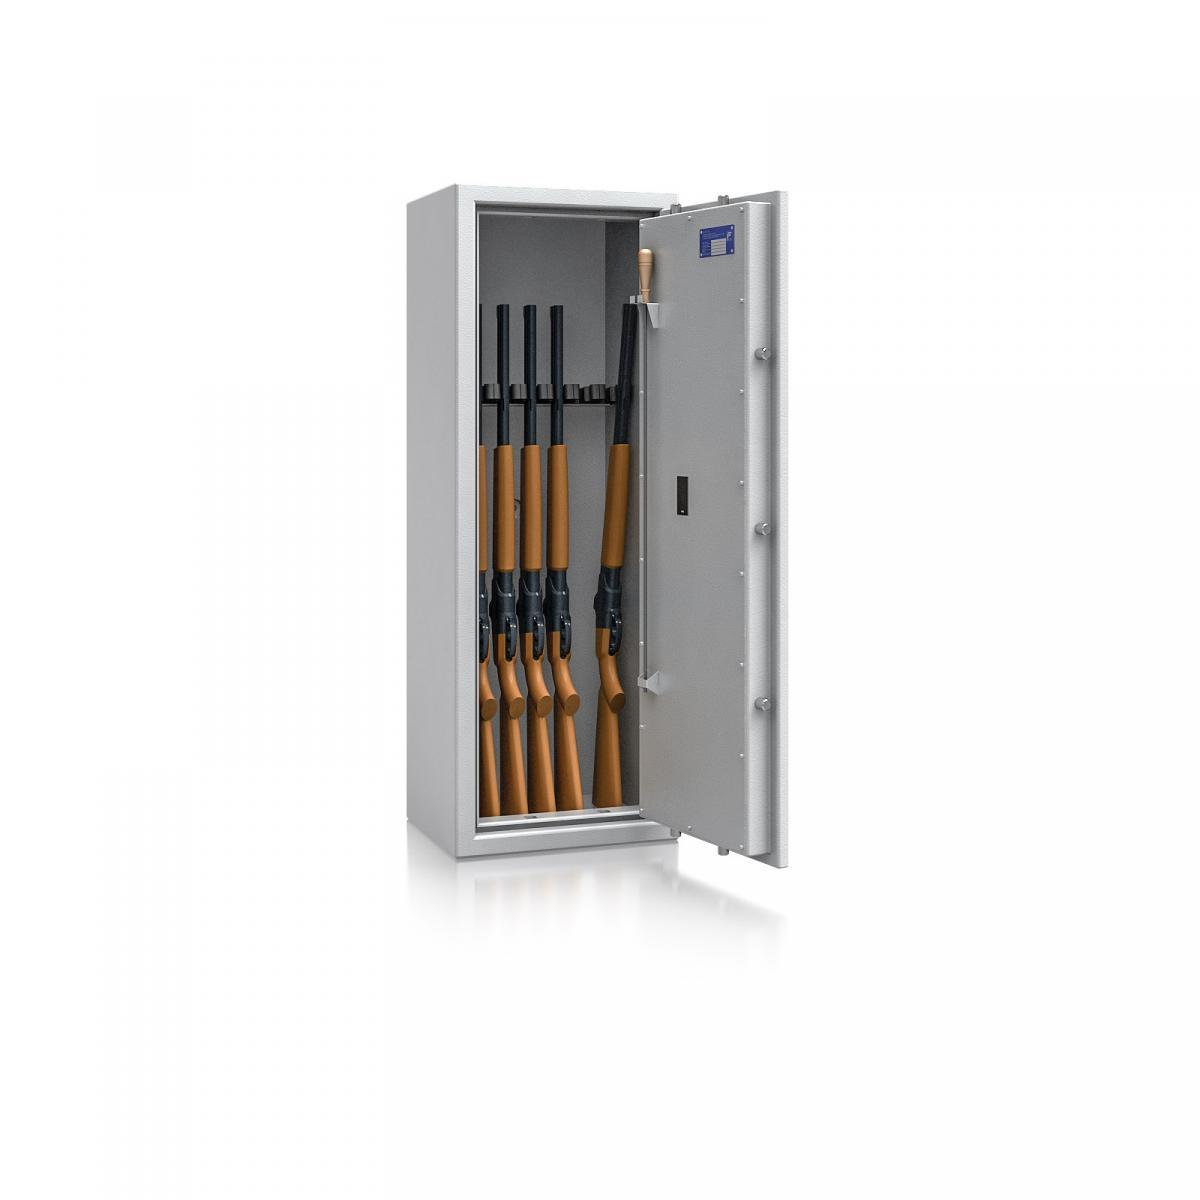 Waffenschrank St. Gallen WF NEW 2 - 1250x450x350 / 109kg 56471 / Klasse I / RAL7035 / Elektr. Basic / DIN R